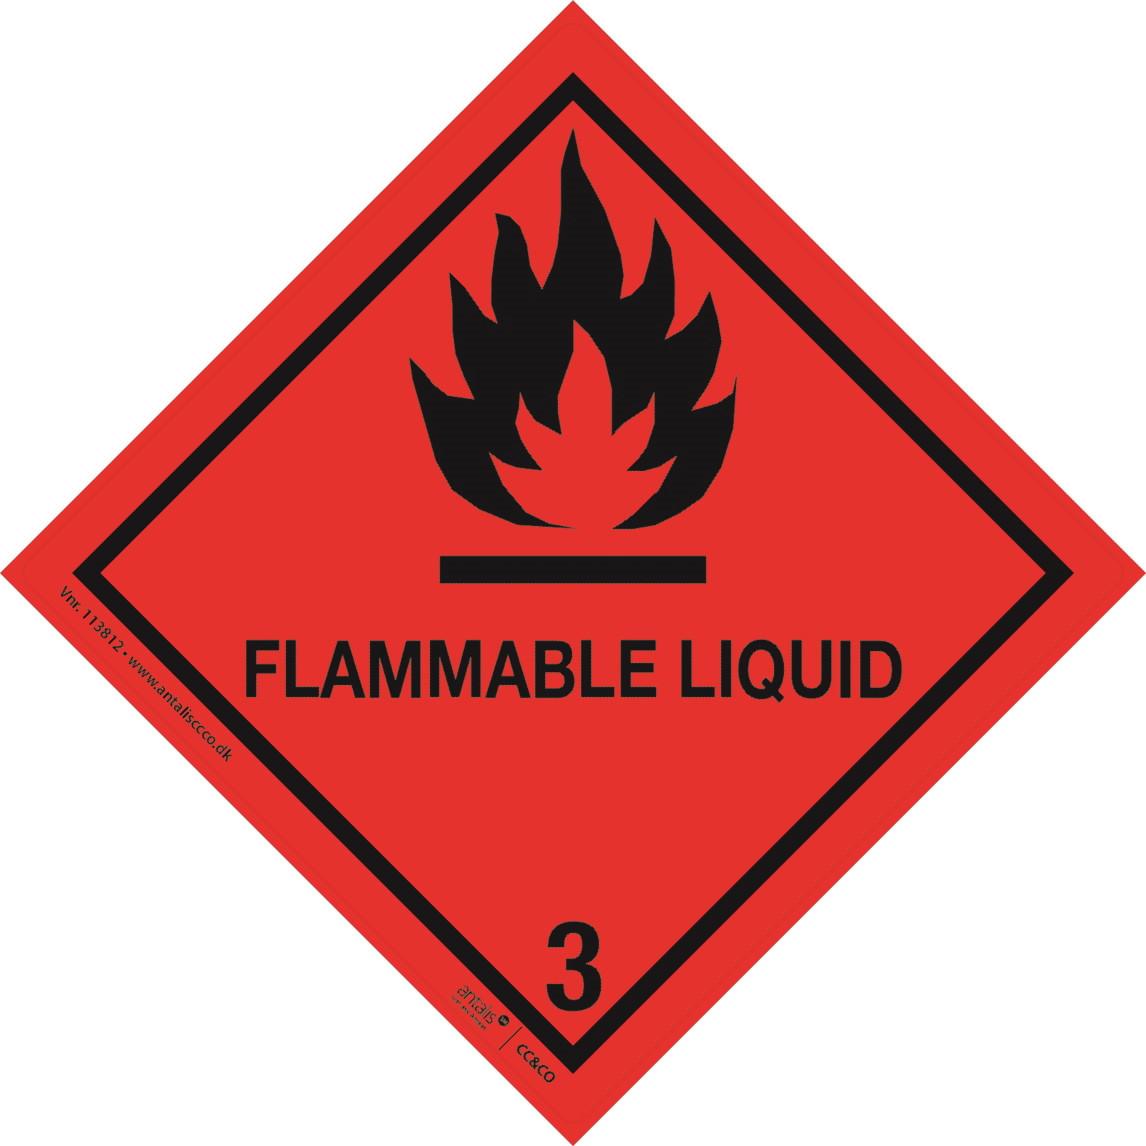 Fareetiket - Klasse 3 rød og sort 100 x 100 mm - 250 stk